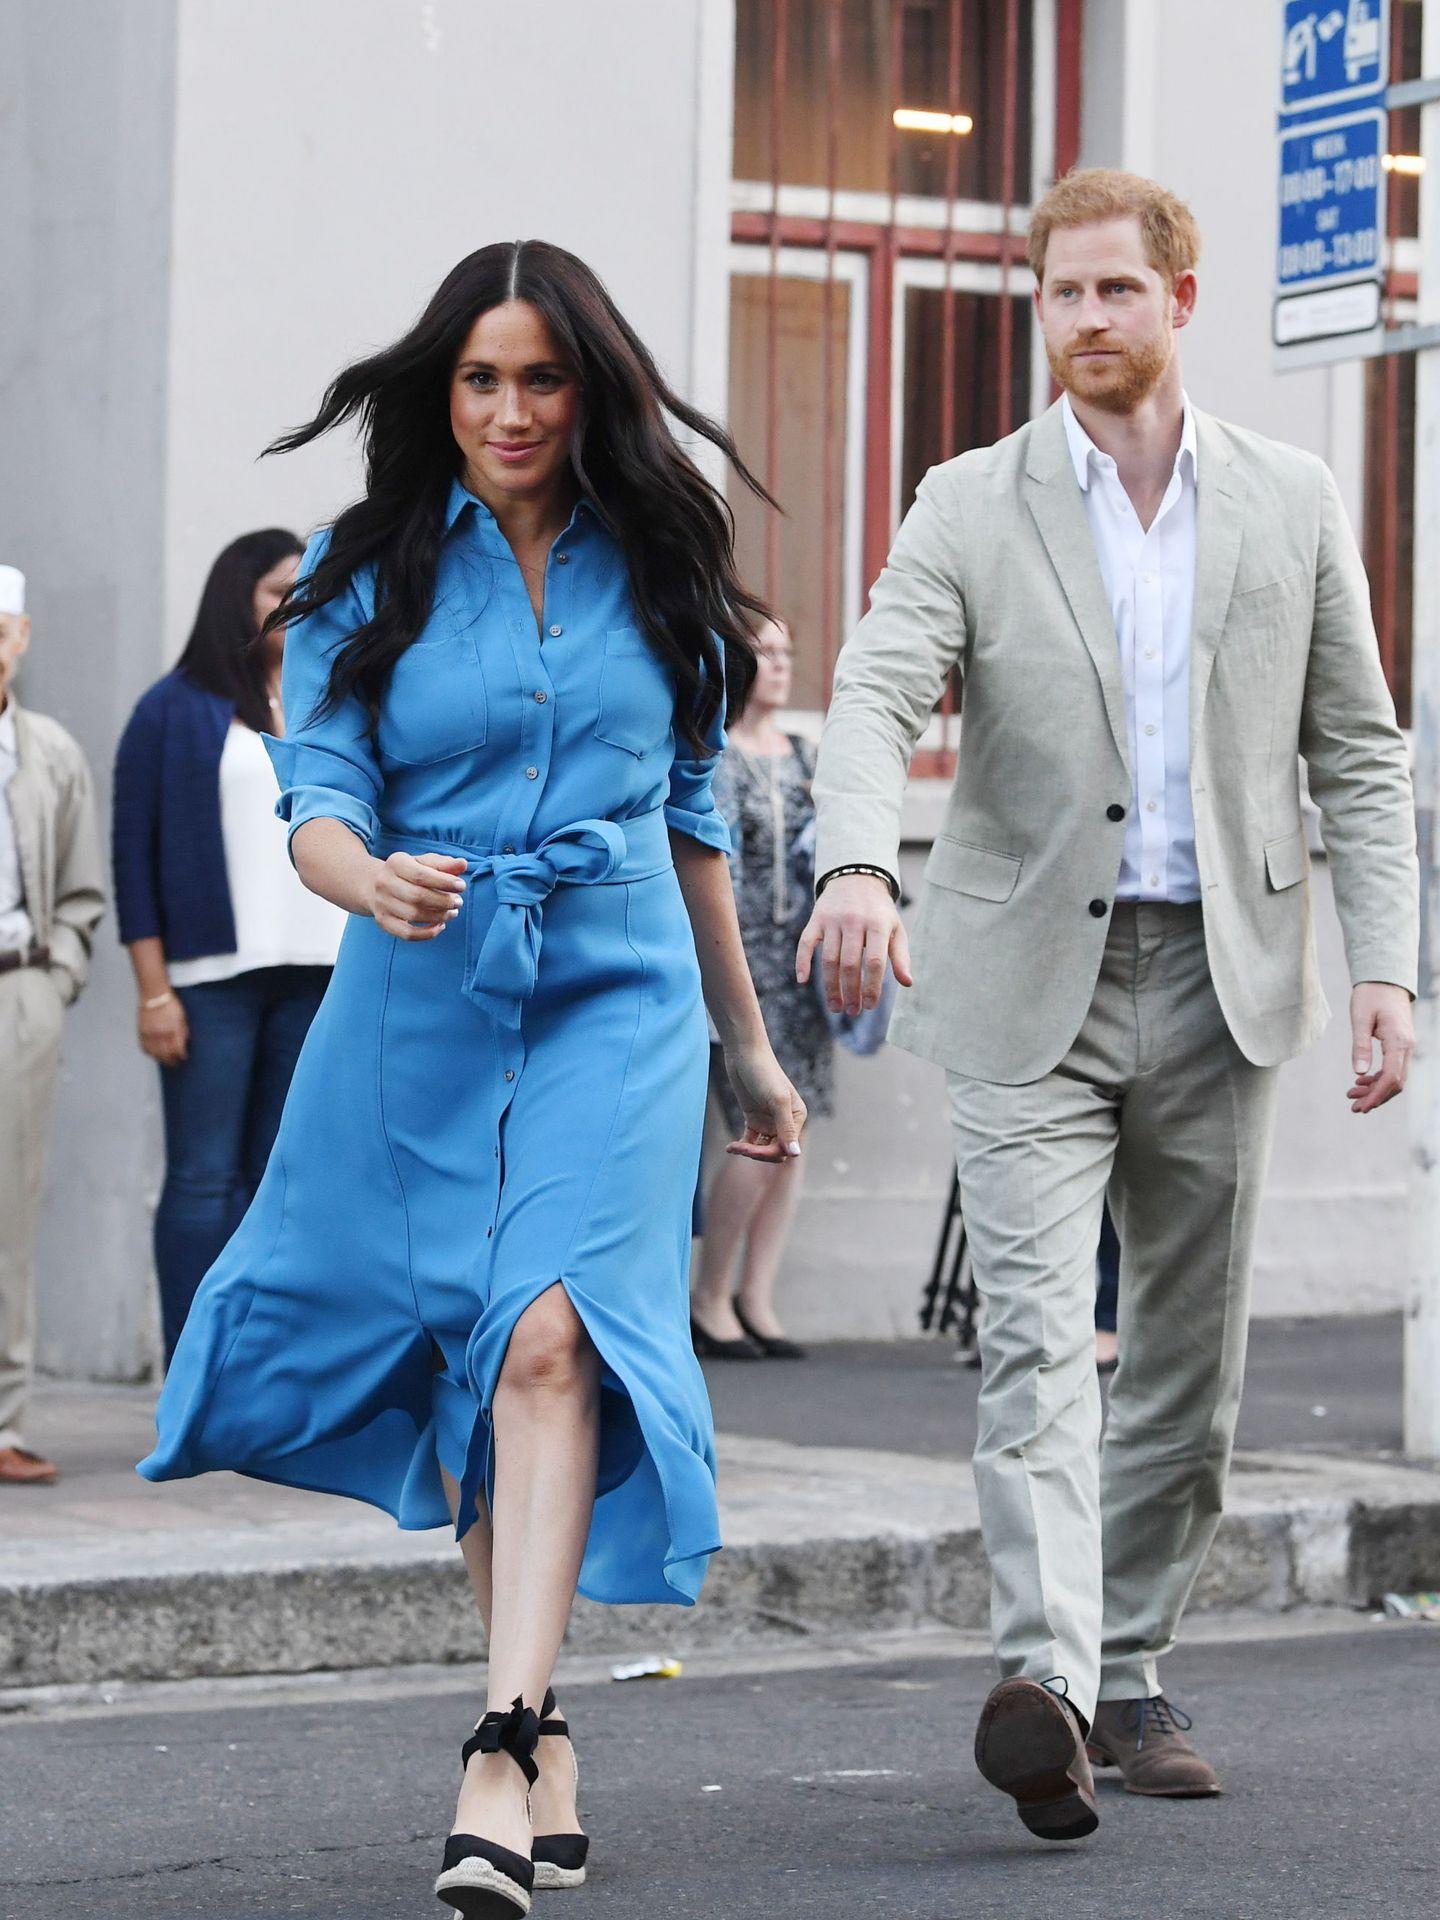 Meghan Markle y el príncipe Harry en Sudáfrica, en una imagen que para muchos es la definición perfecta de su relación. (EFE)